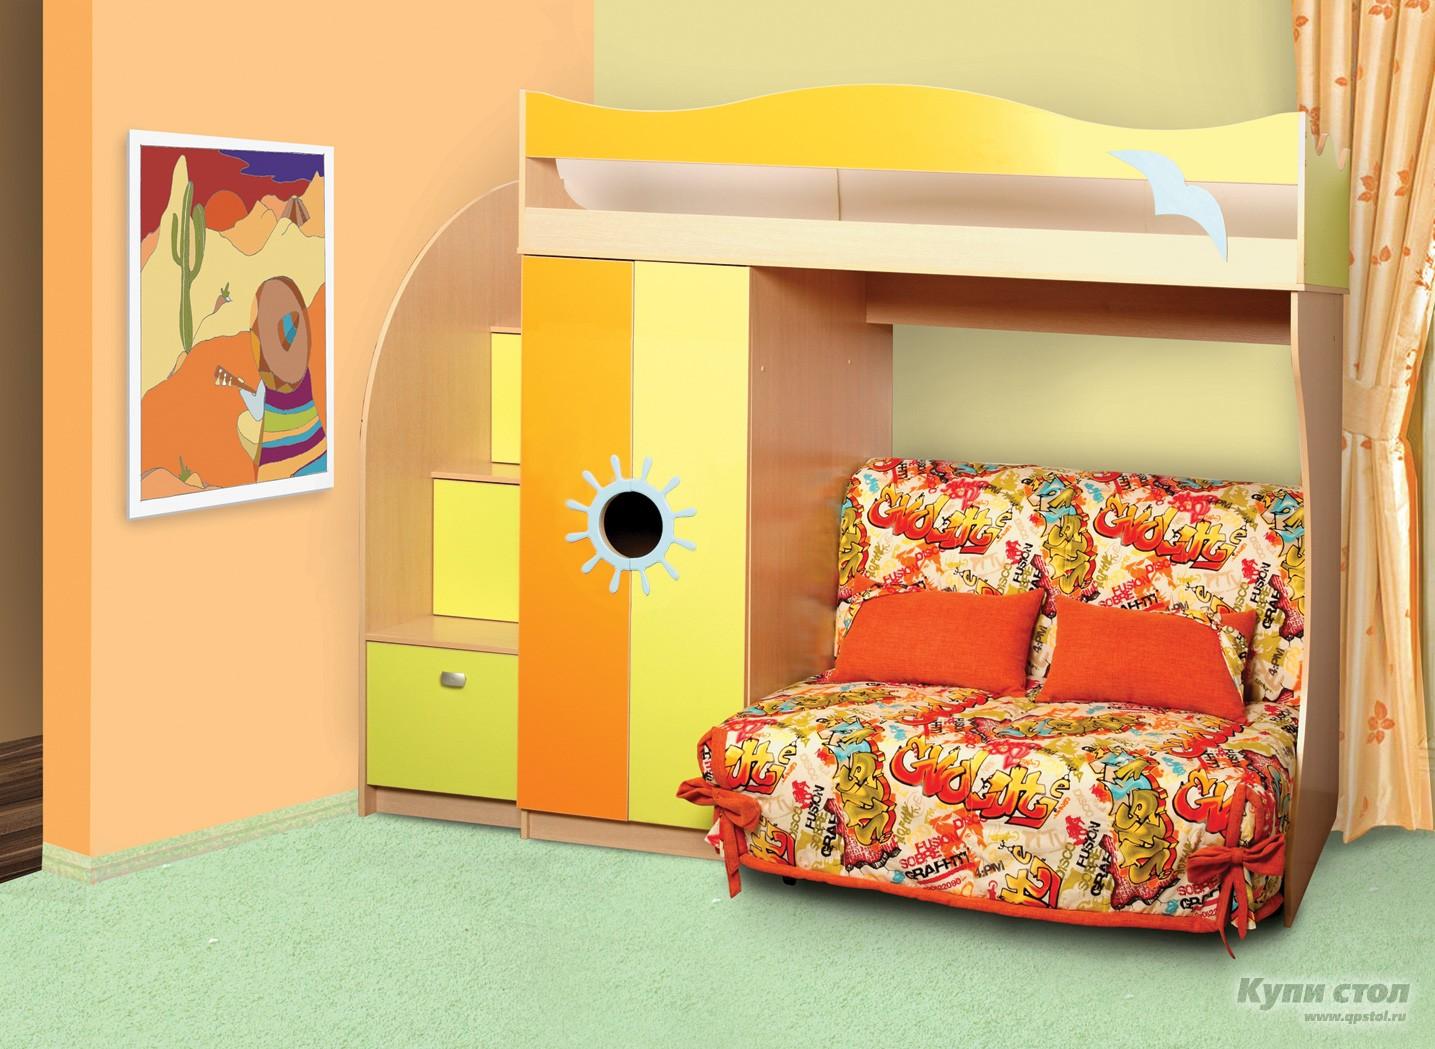 Кровать Д1 премиум КупиСтол.Ru 14190.000